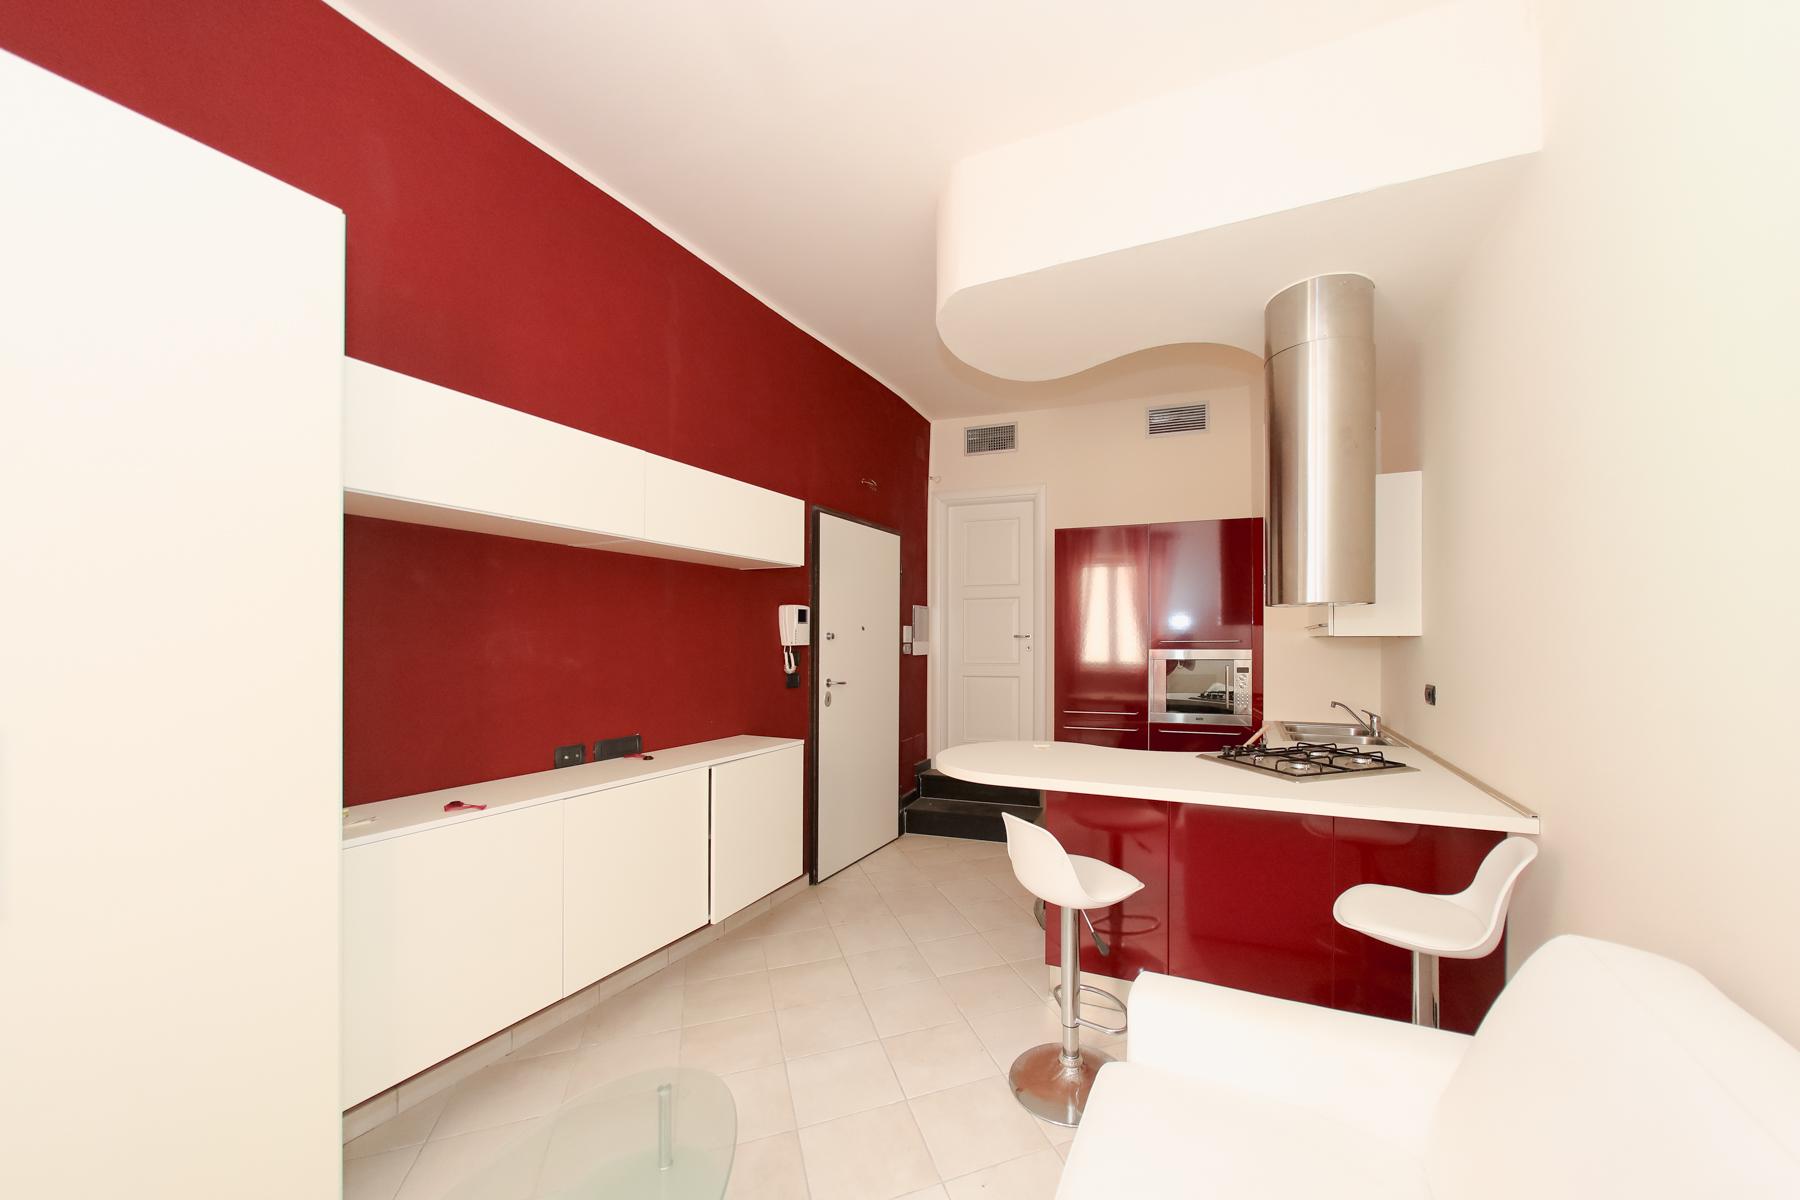 Appartamento in Vendita a Diano Marina: 1 locali, 20 mq